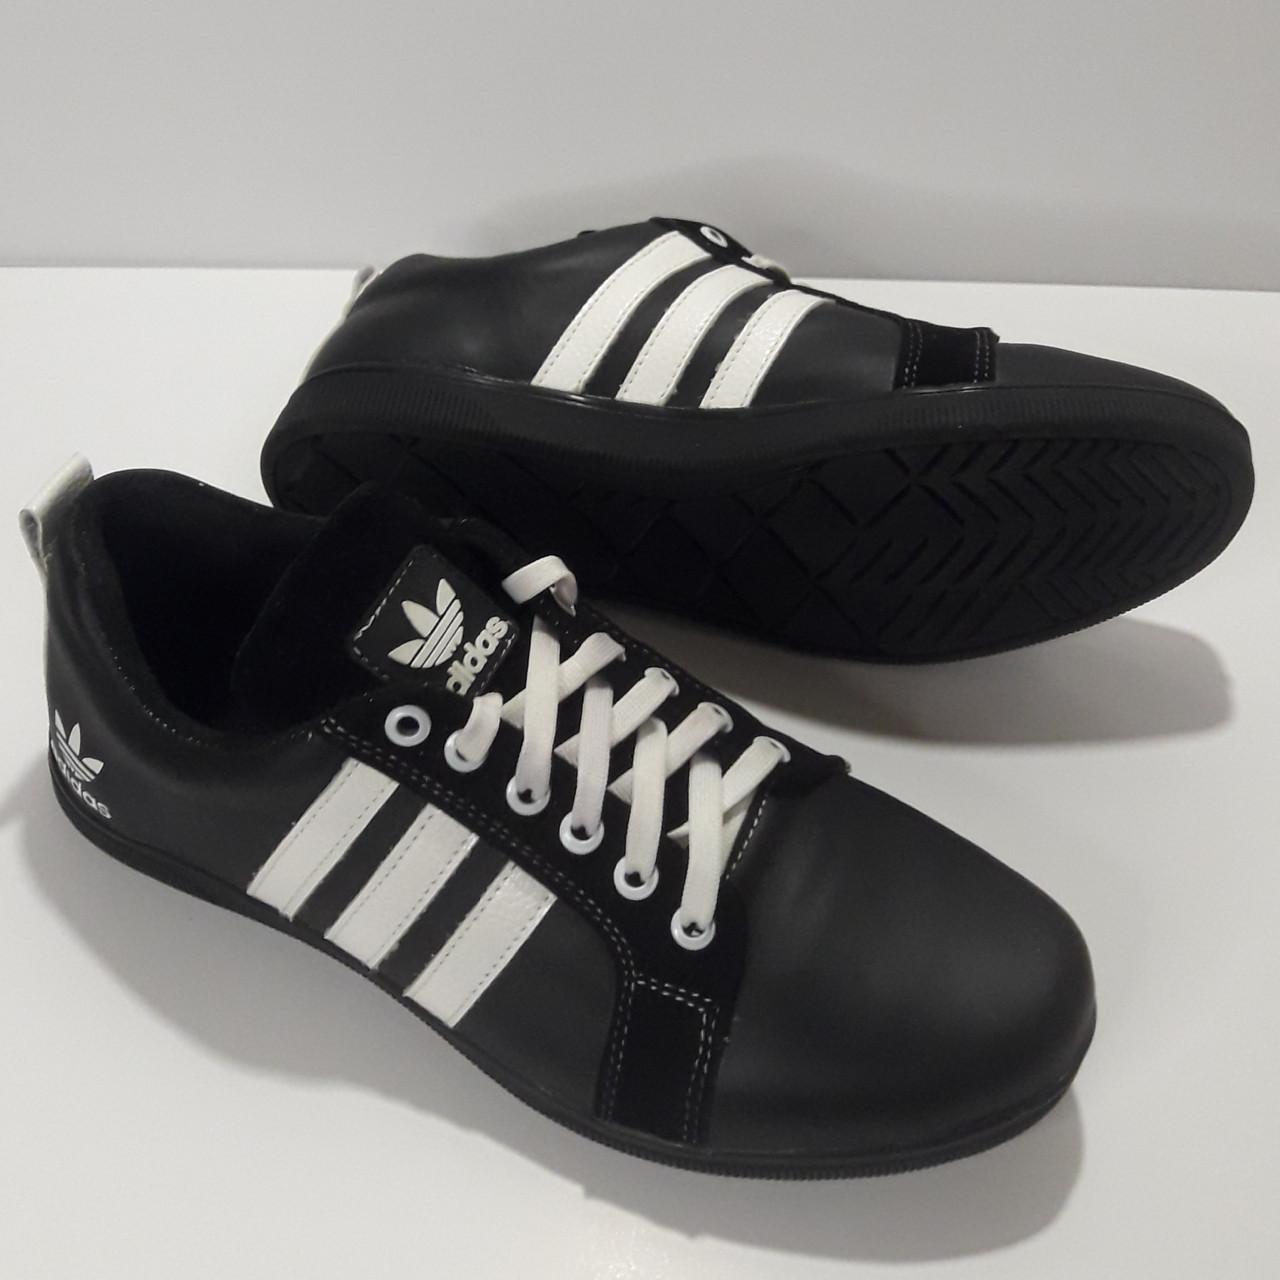 Кроссовки Adidas р.40 кожа Харьков чёрные